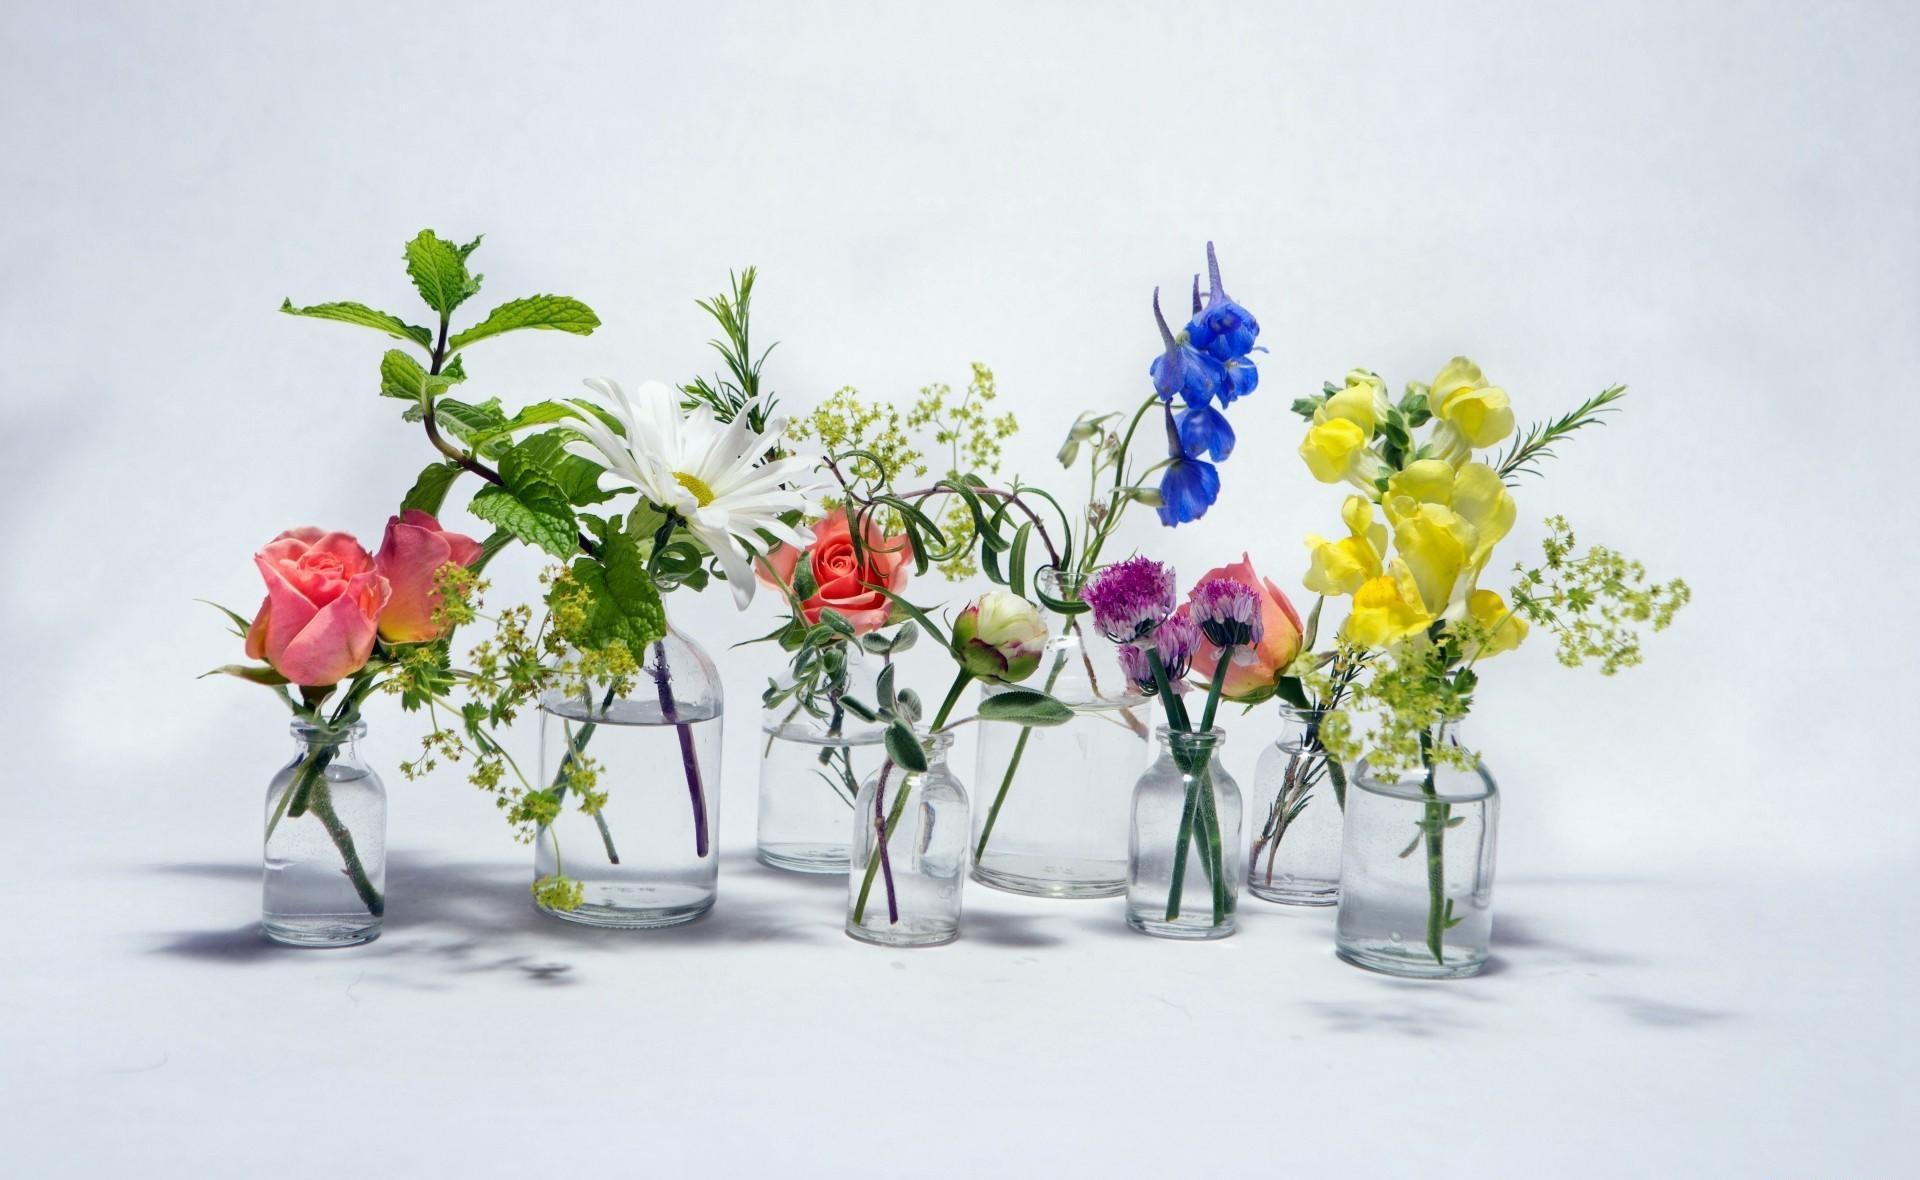 115317 скачать обои Цветы, Ромашка, Колокольчики, Банки, Вода, Розы - заставки и картинки бесплатно